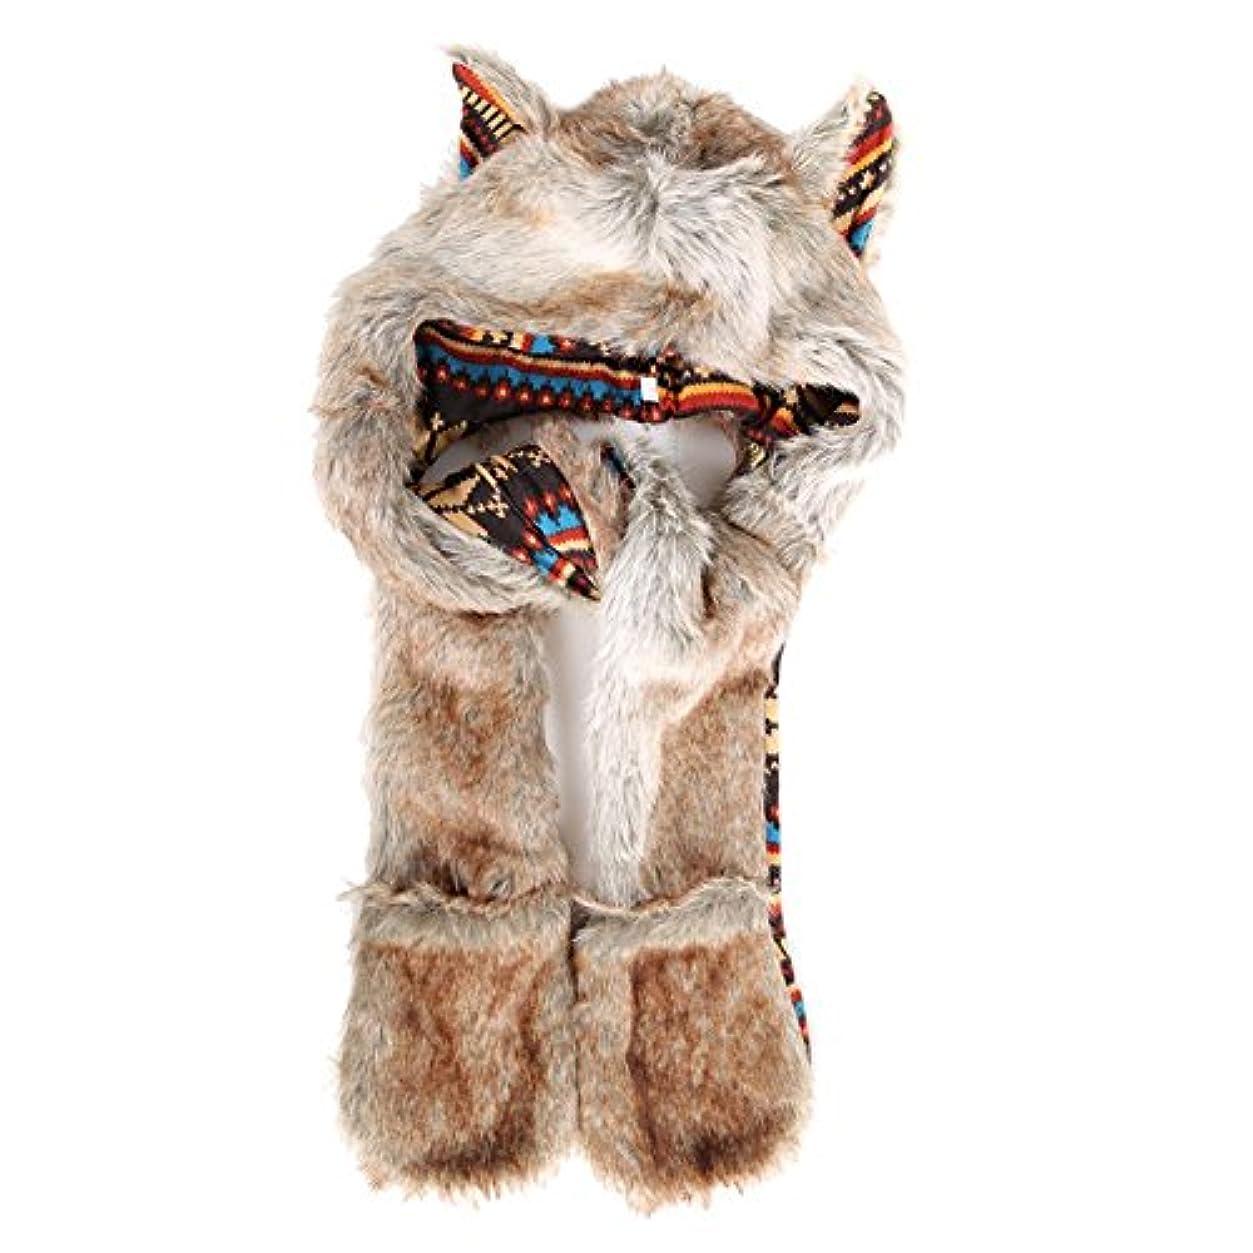 わずらわしい処分したそしてbestjpフェイクファー レッド 毛皮 帽子 スカーフ 手袋 セット